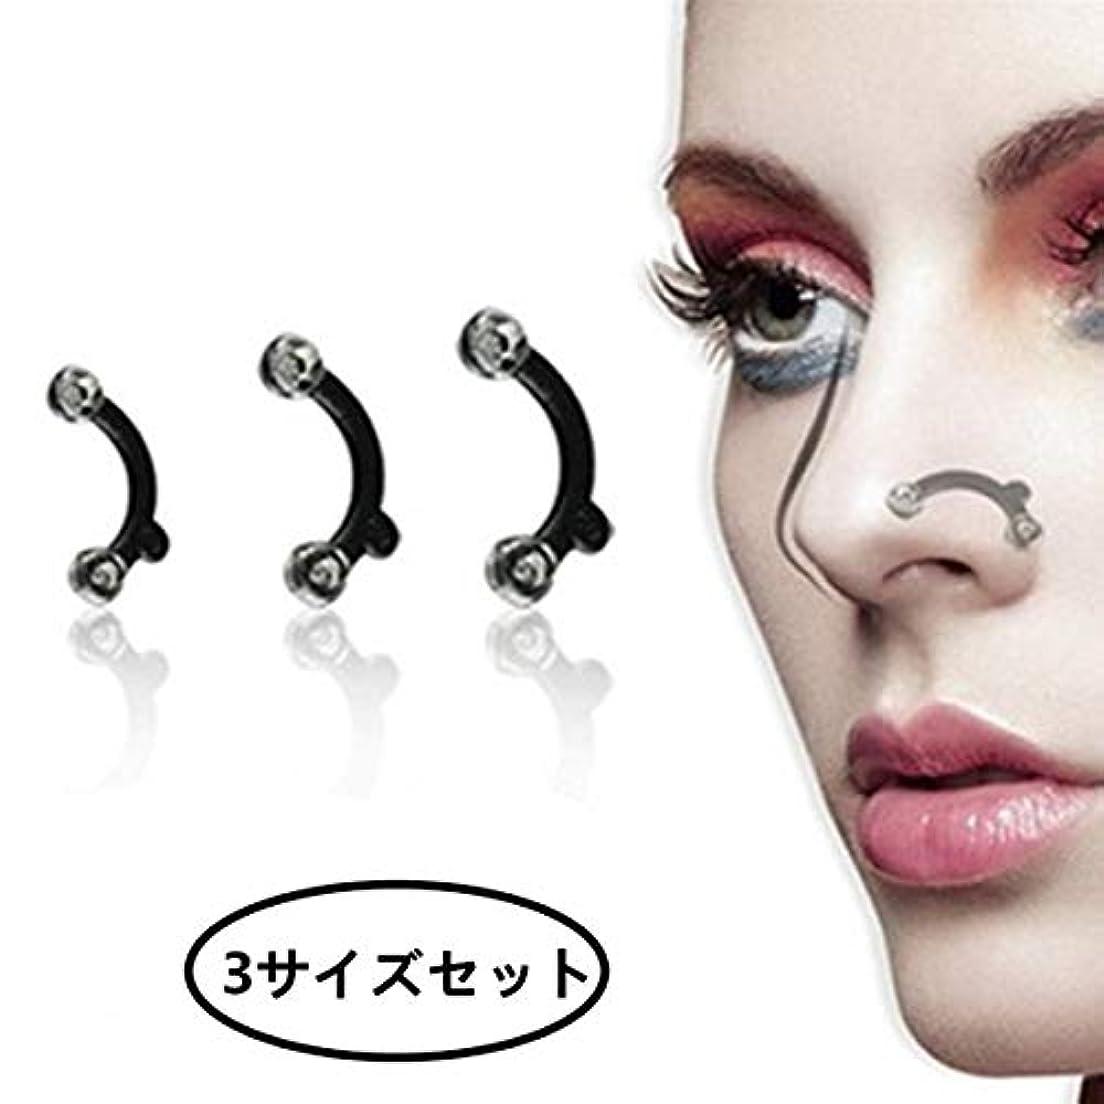 狭い鉱夫司法鼻プチ 柔軟性高く ビューティー 矯正プチ 整形せ 24.5mm/25.5mm/27mm 全3サイズセット ブラック